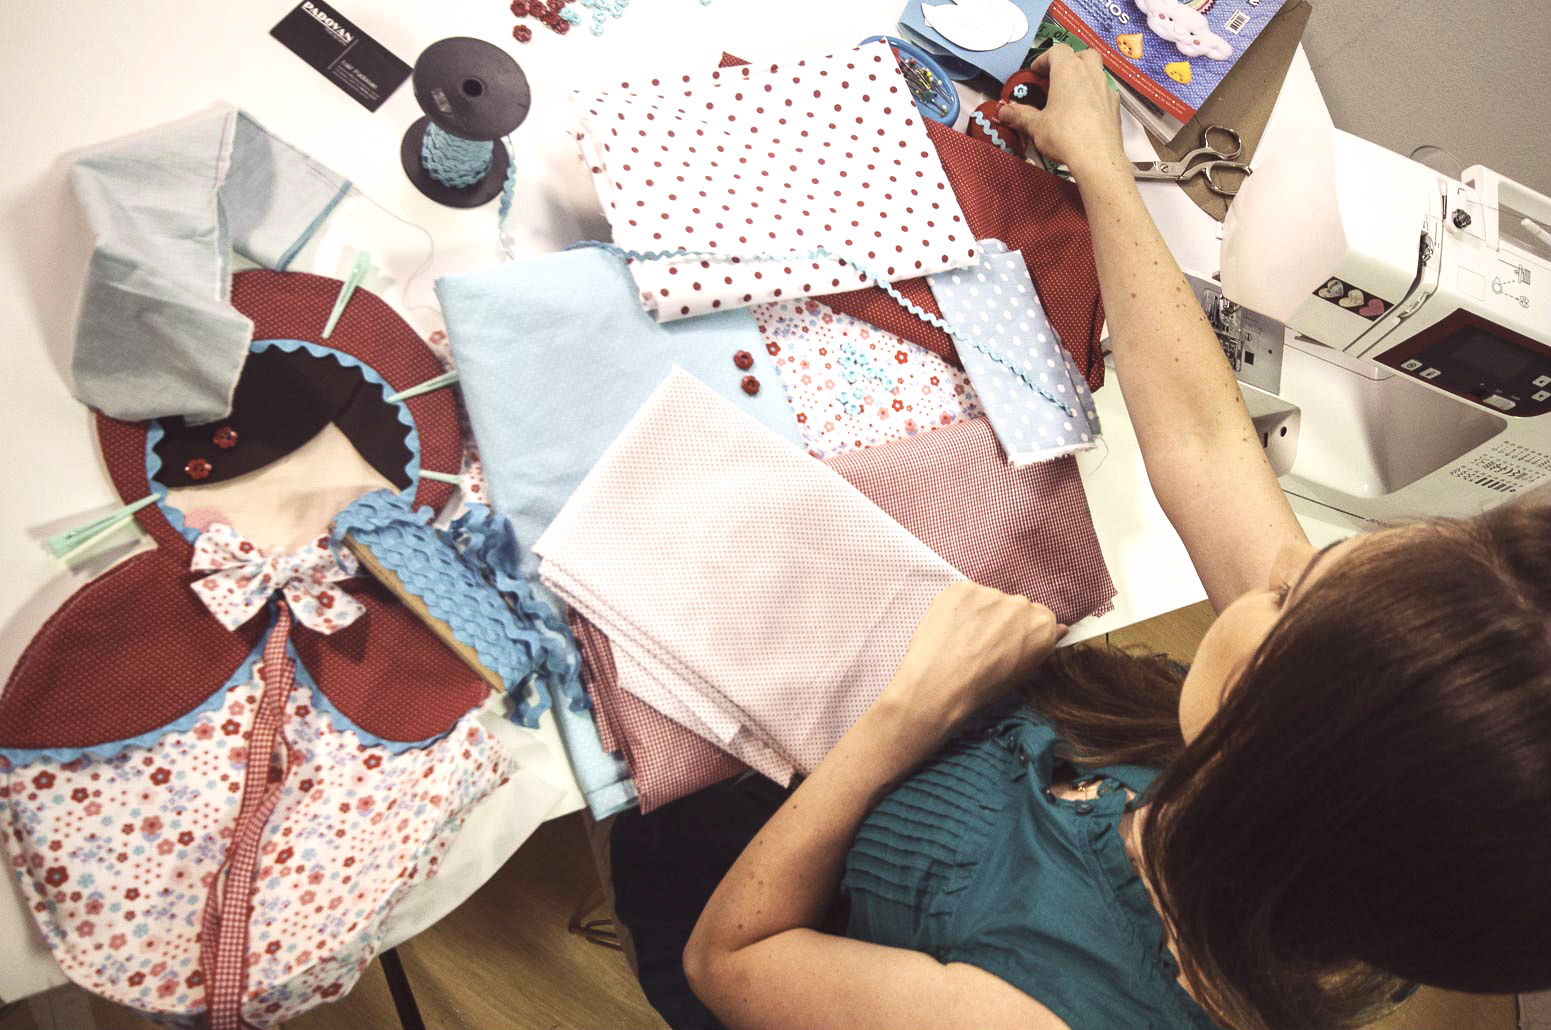 A artesã em meio a tecidos, moldes, agulhas e linhas